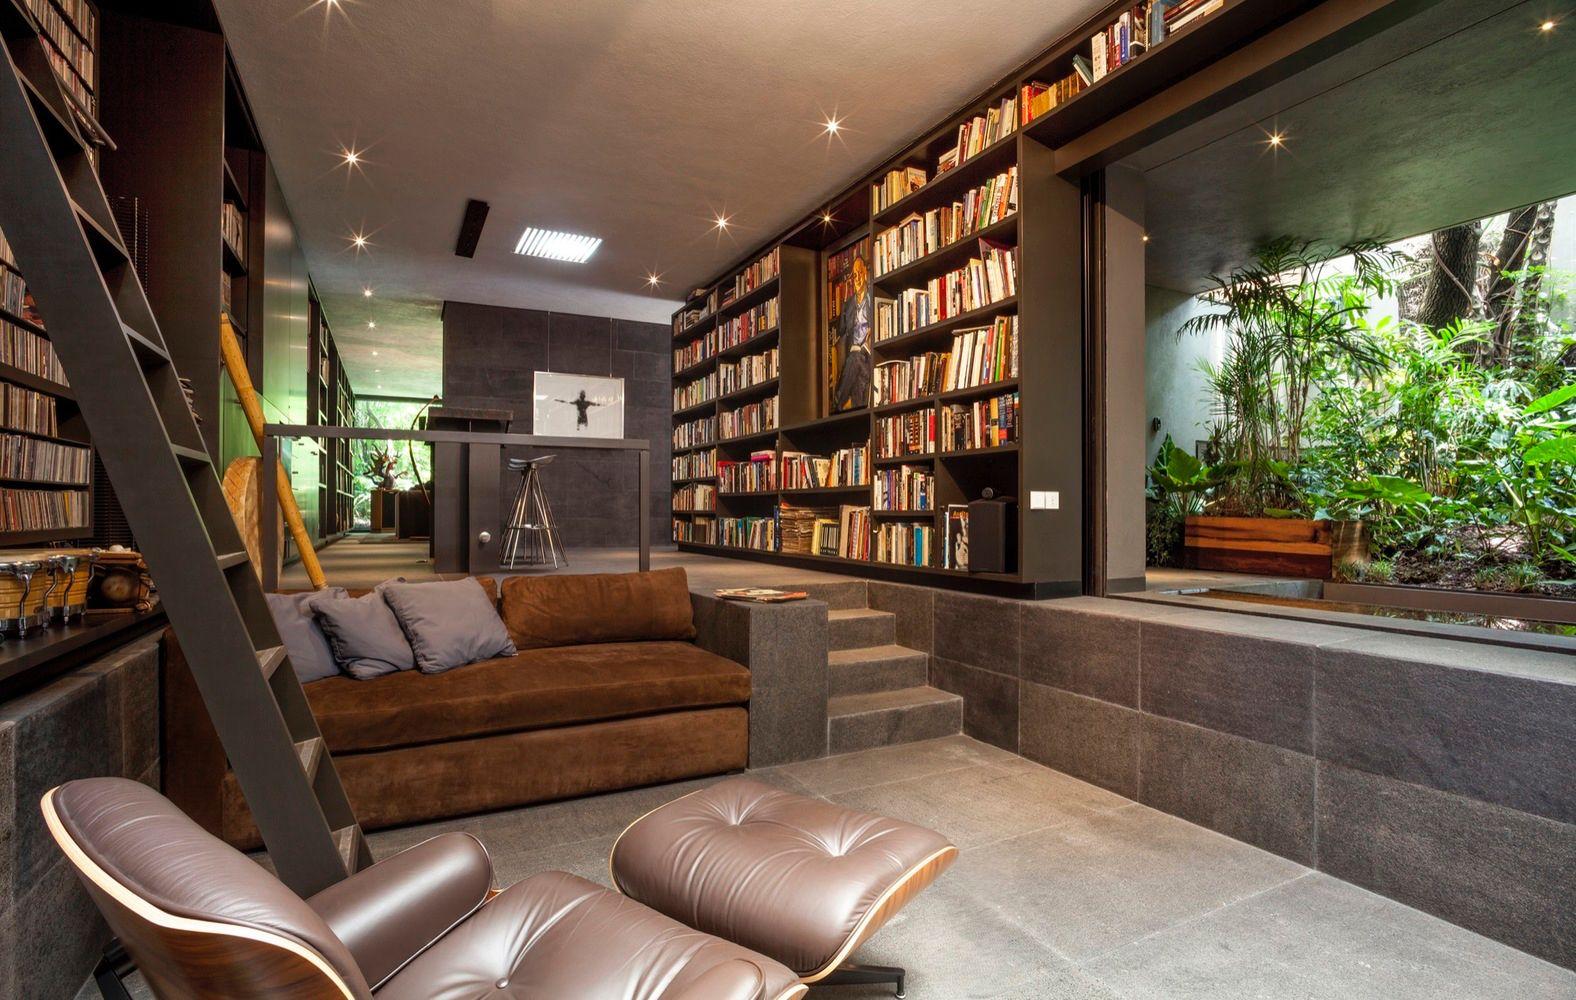 Reading space interior design ideas